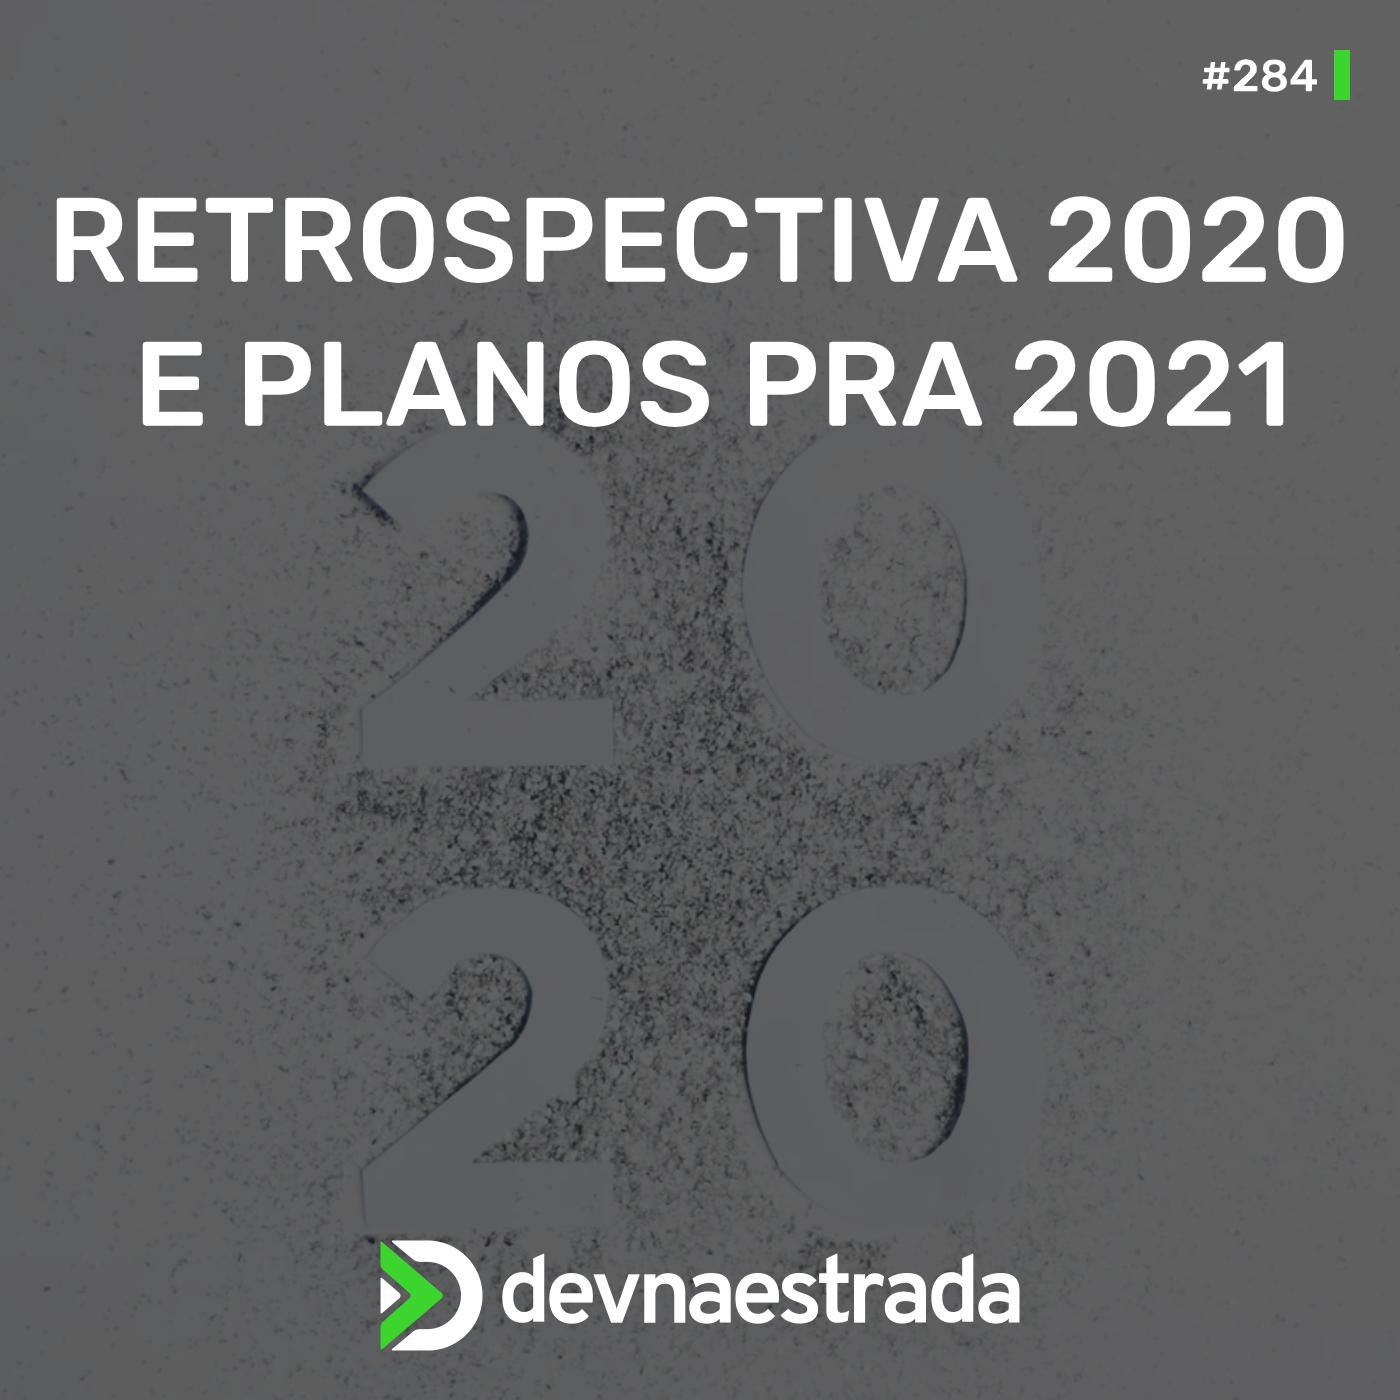 Retrospectiva 2020 e planos pra 2021